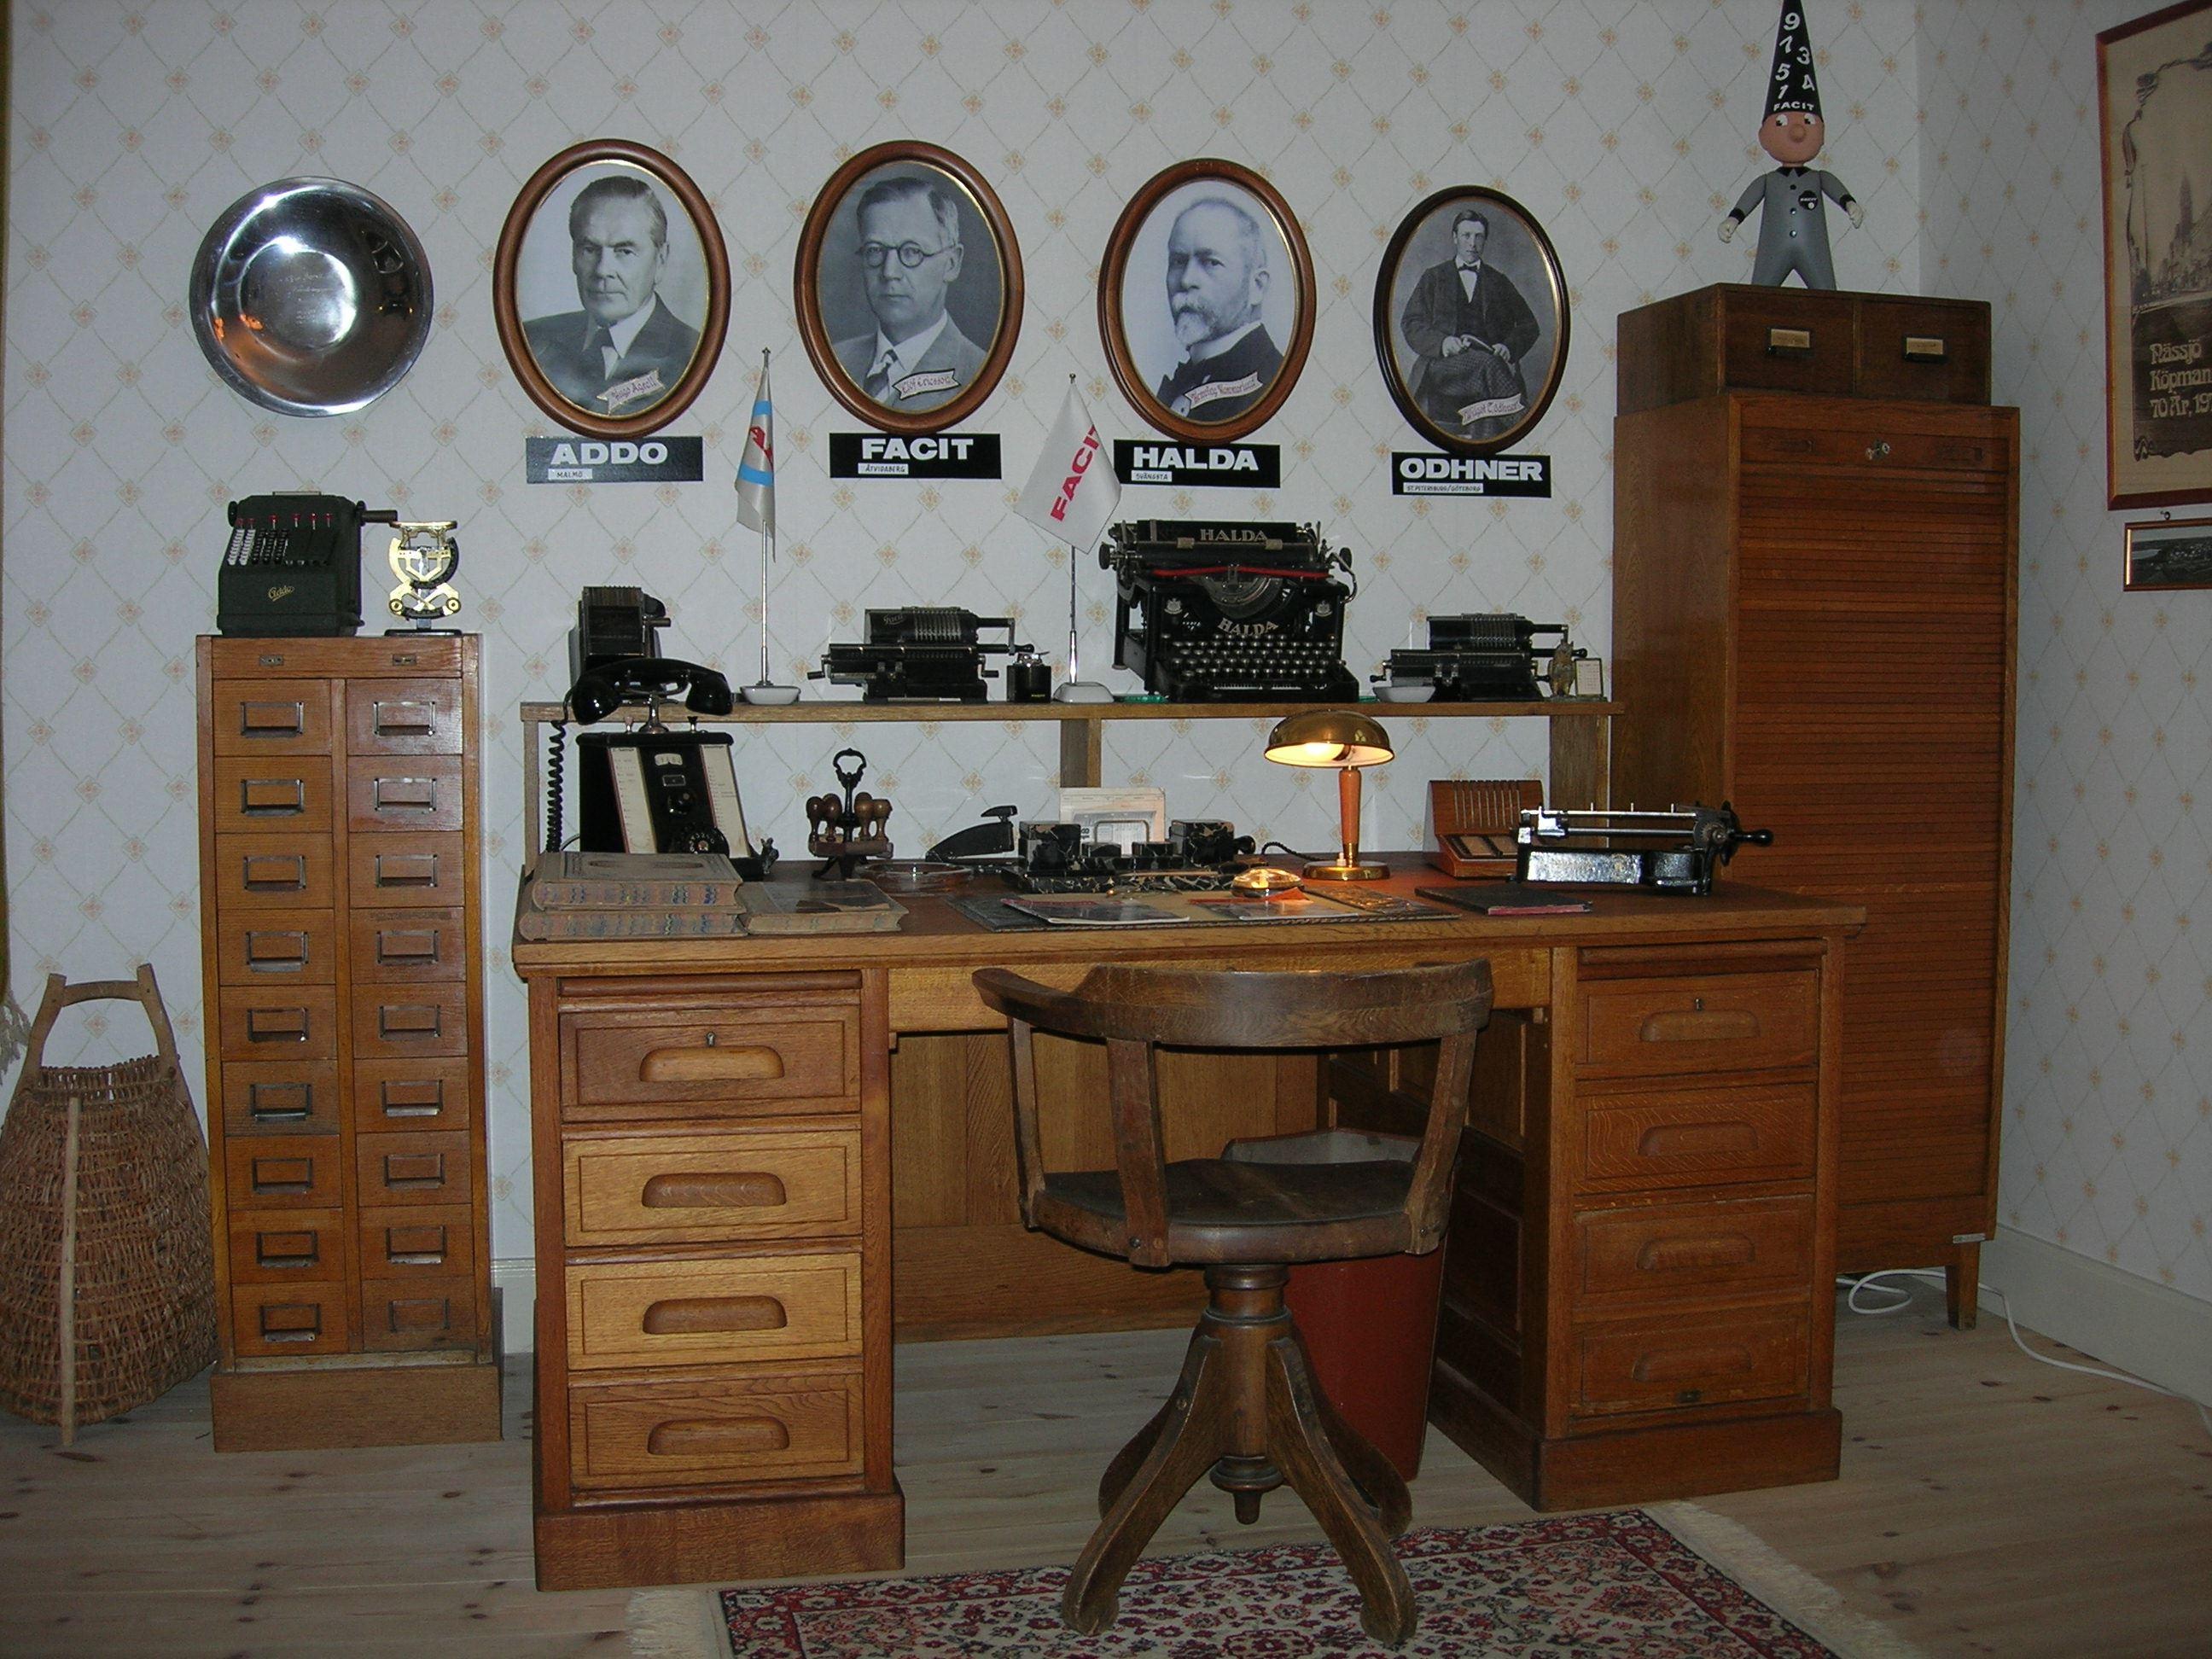 Nässjö Office Museum